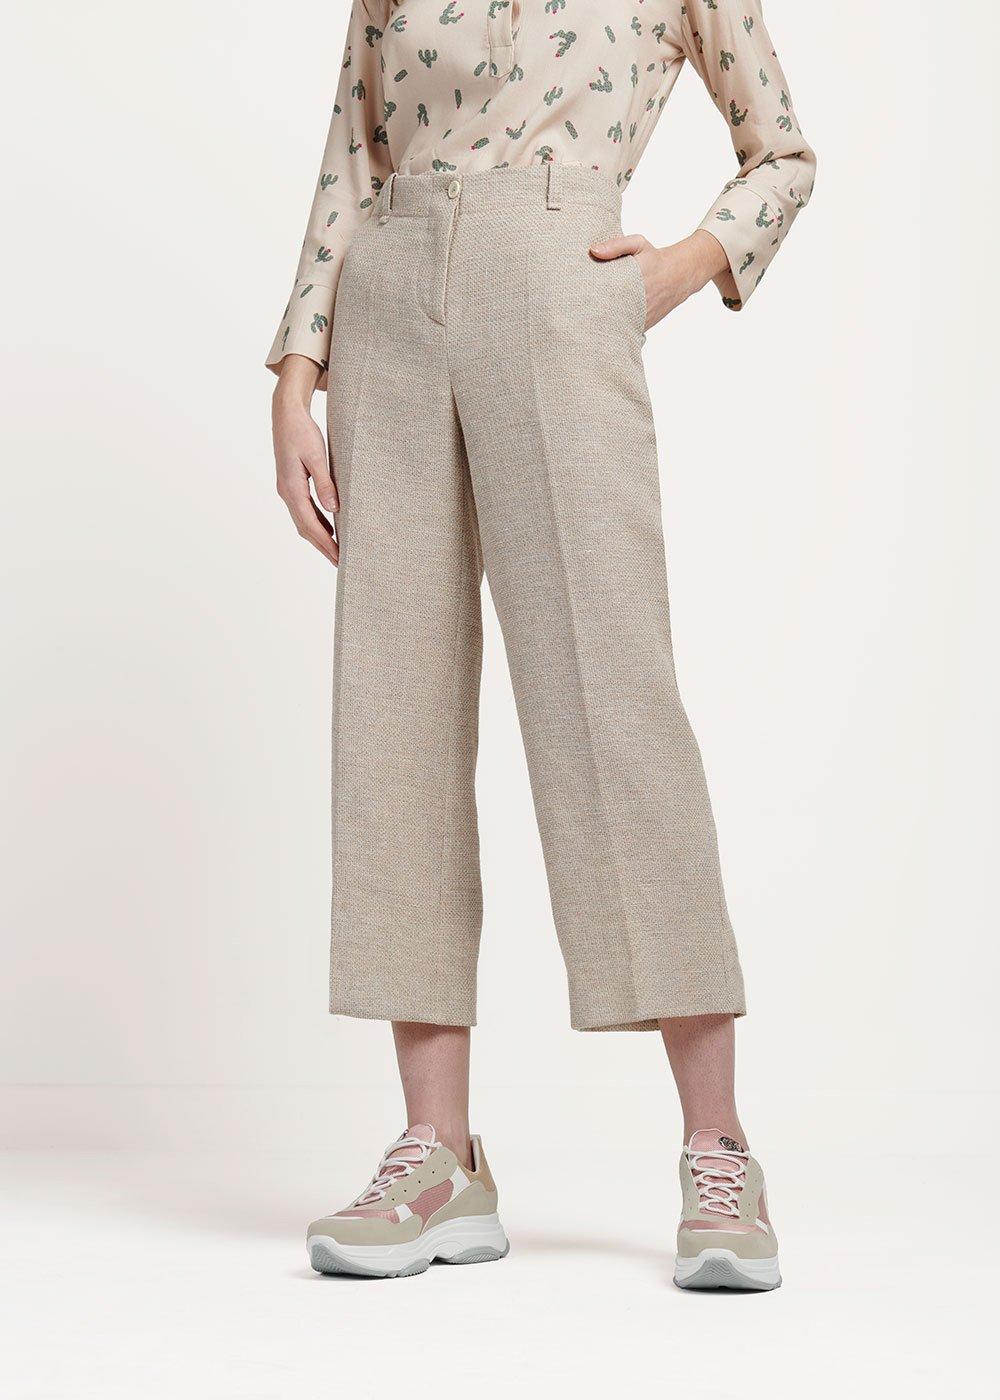 Pantalone modello Sara con bustino effetto stuoietta - Light Beige - Donna